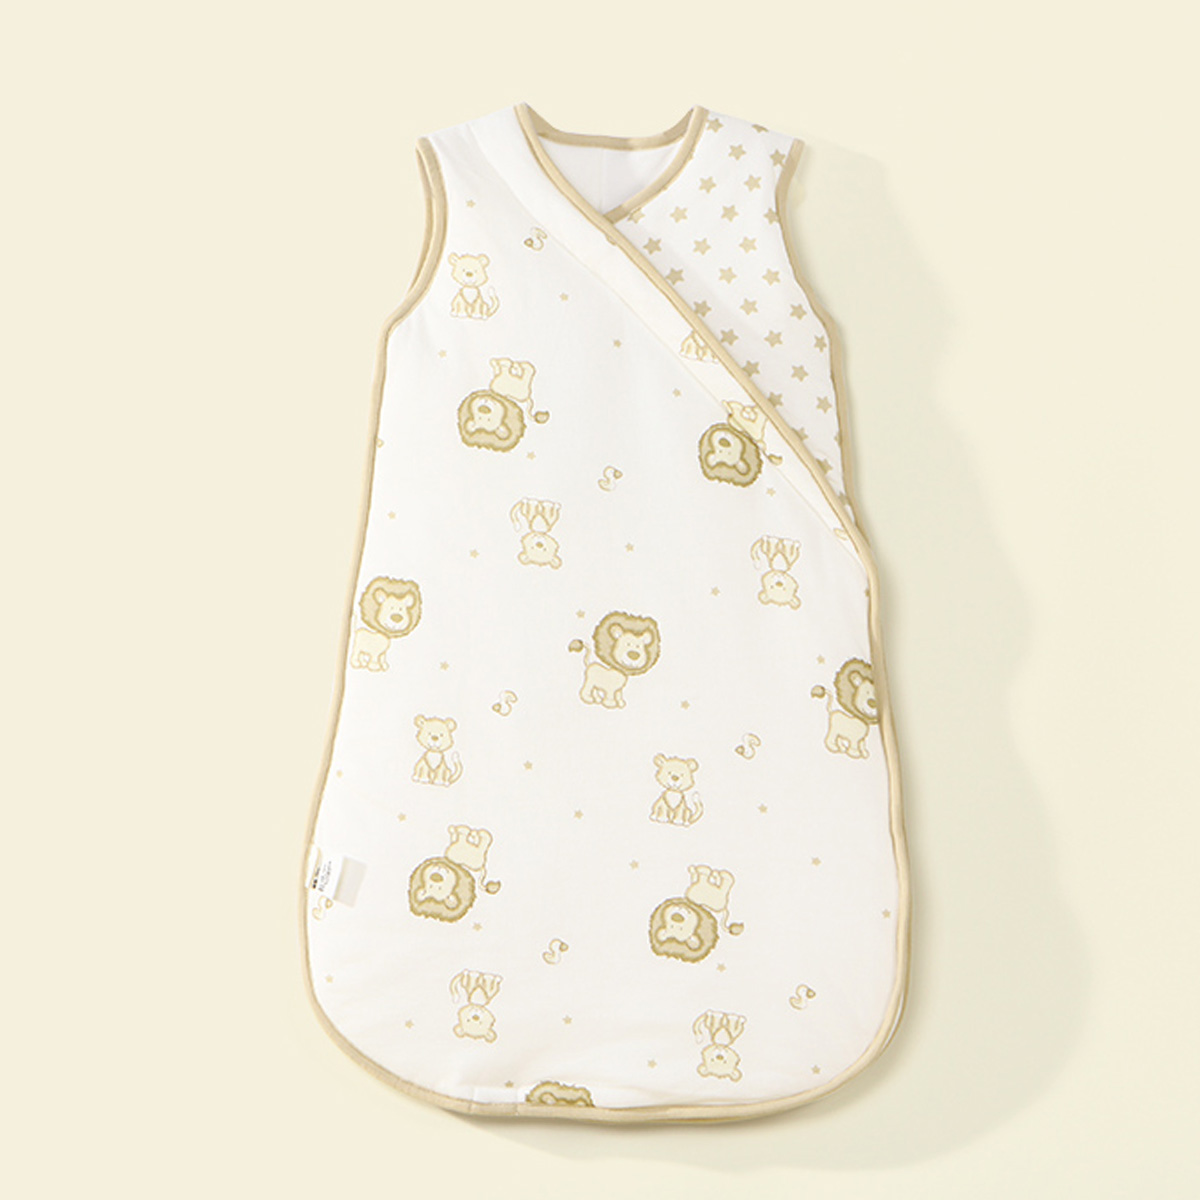 Вода звезда домой спин спальный мешок Baby печать стеганый жилет спальный мешок ребенок осень и зима противо удар находятся